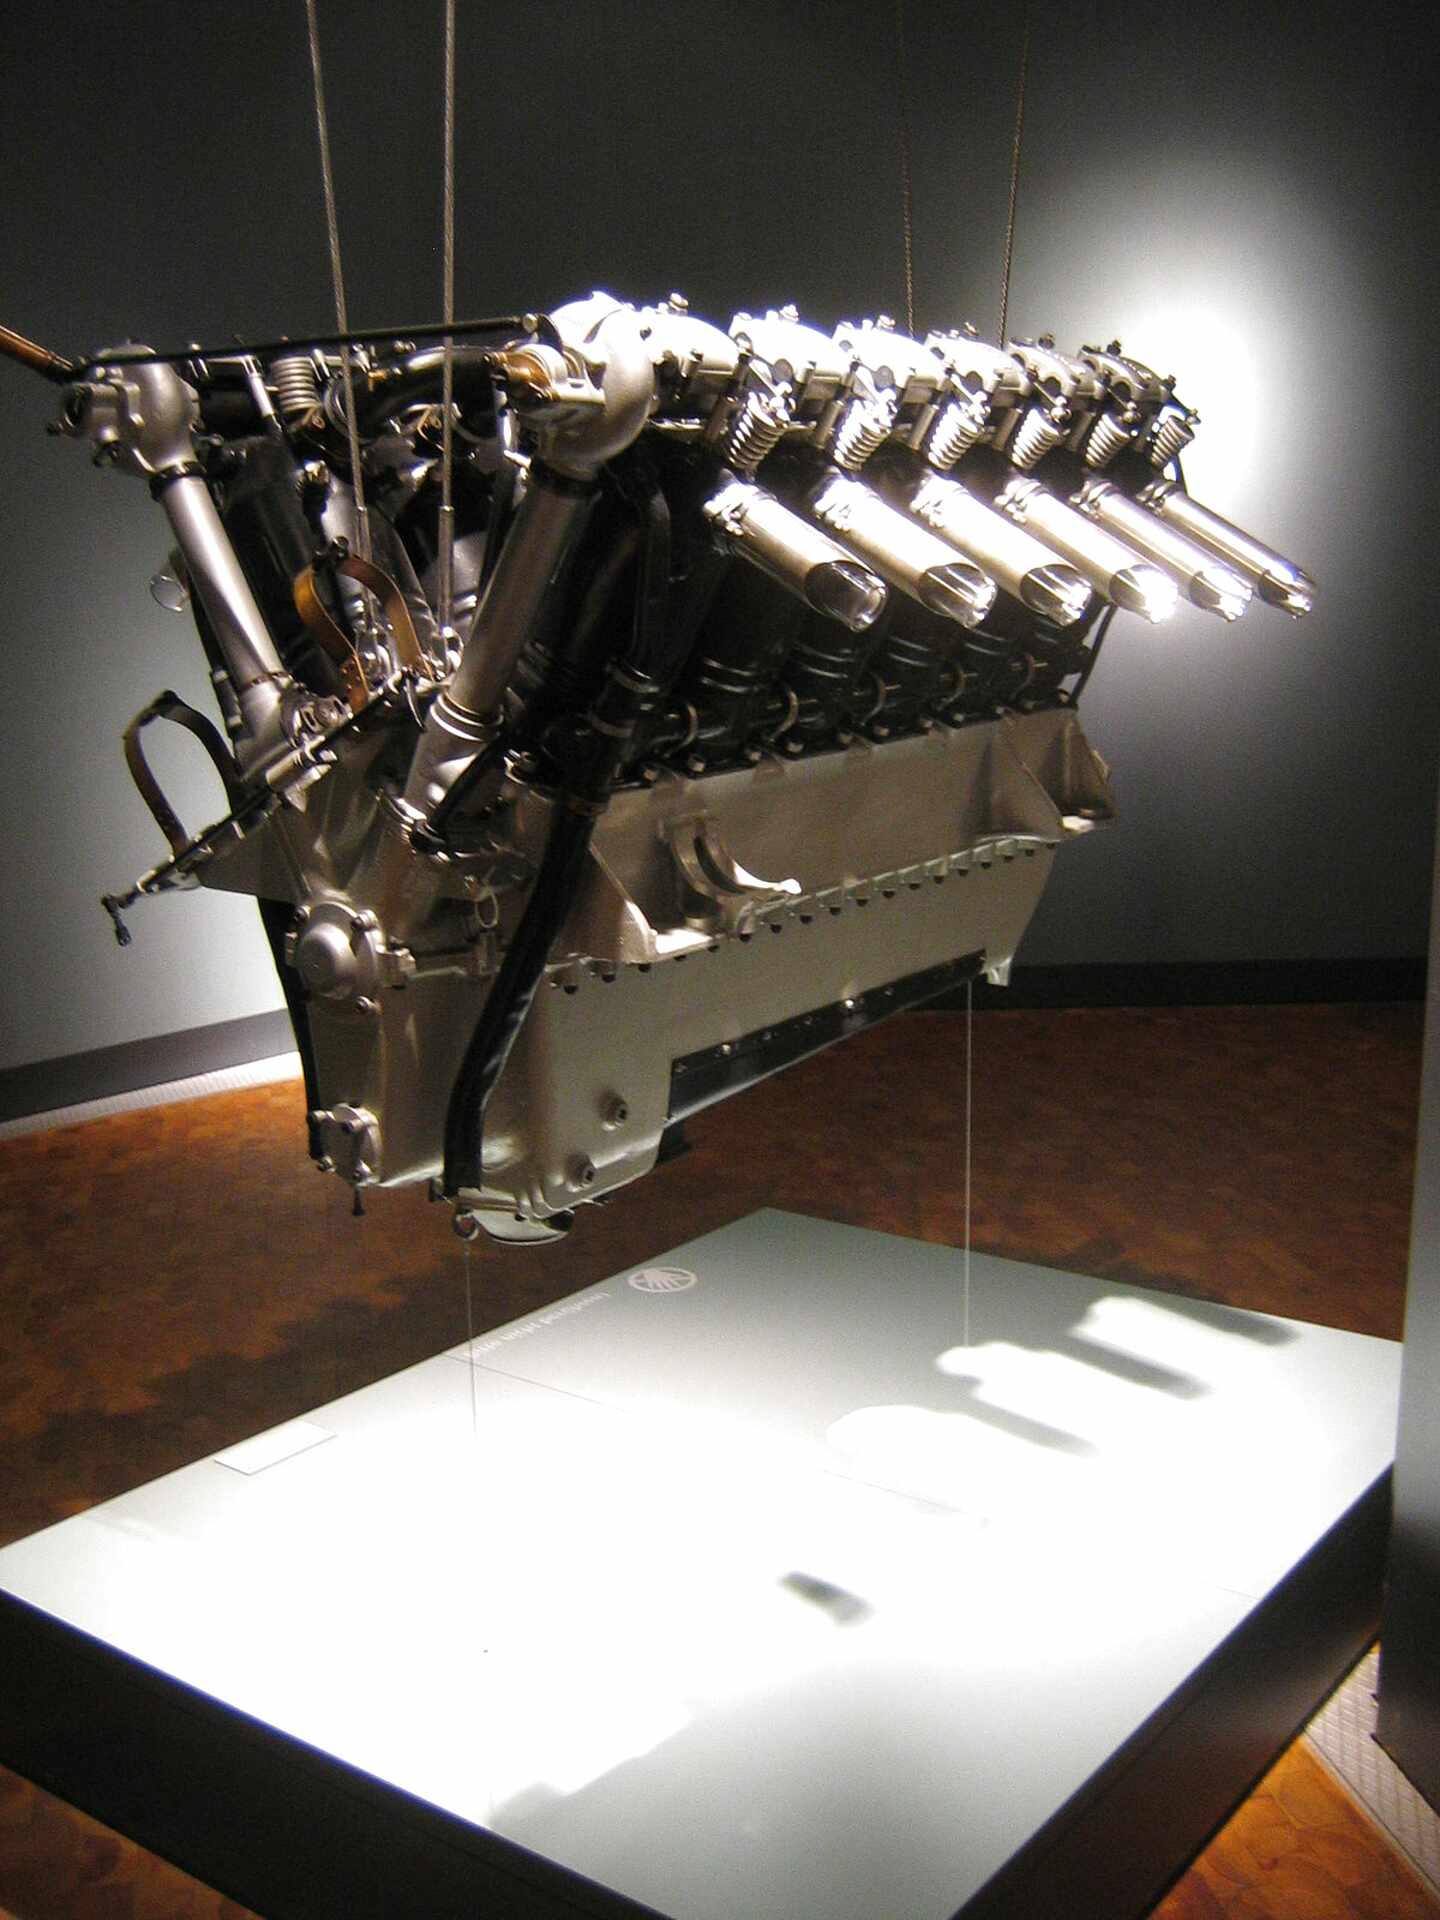 v12 engine for sale